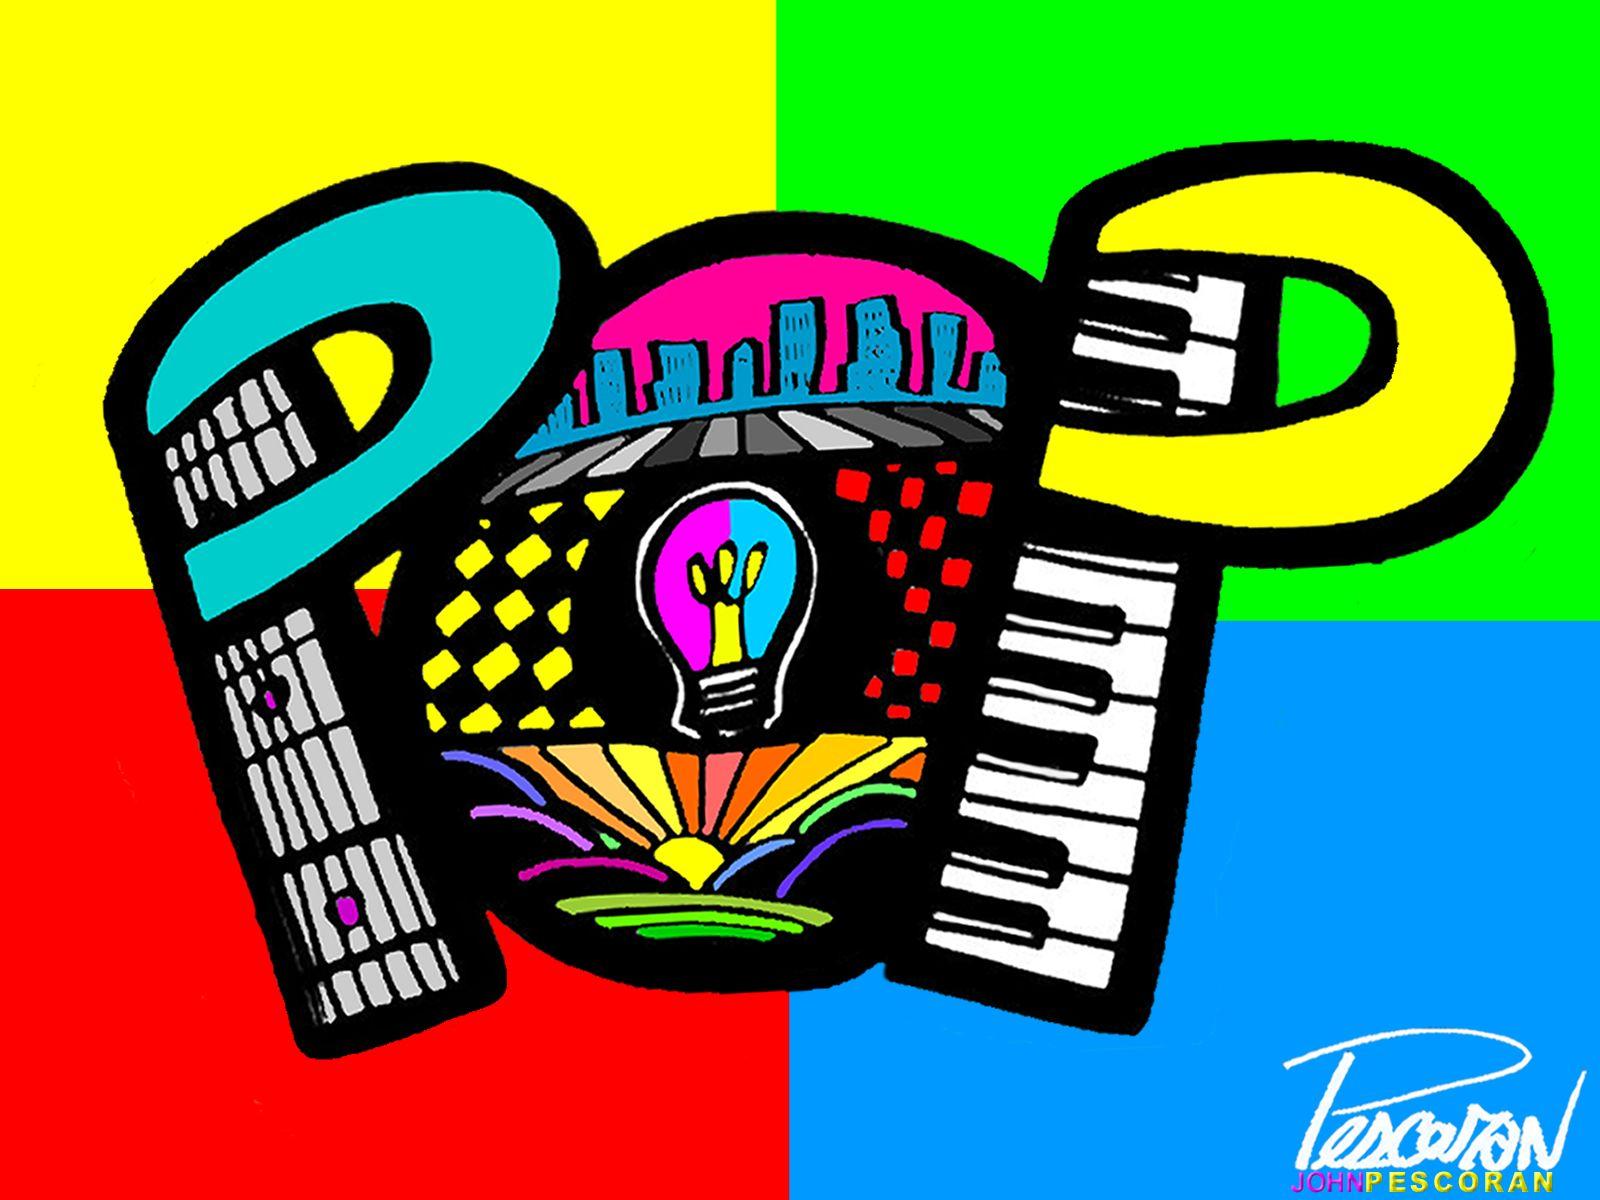 http://2.bp.blogspot.com/-0WW-q8Y86vE/T6xQqTqda8I/AAAAAAAAA4w/L606qliPu-A/s1600/Art+WALLPAPER+-+John+Pescoran+Art+-+Pescoran+Pop+Art+%283%29.jpg